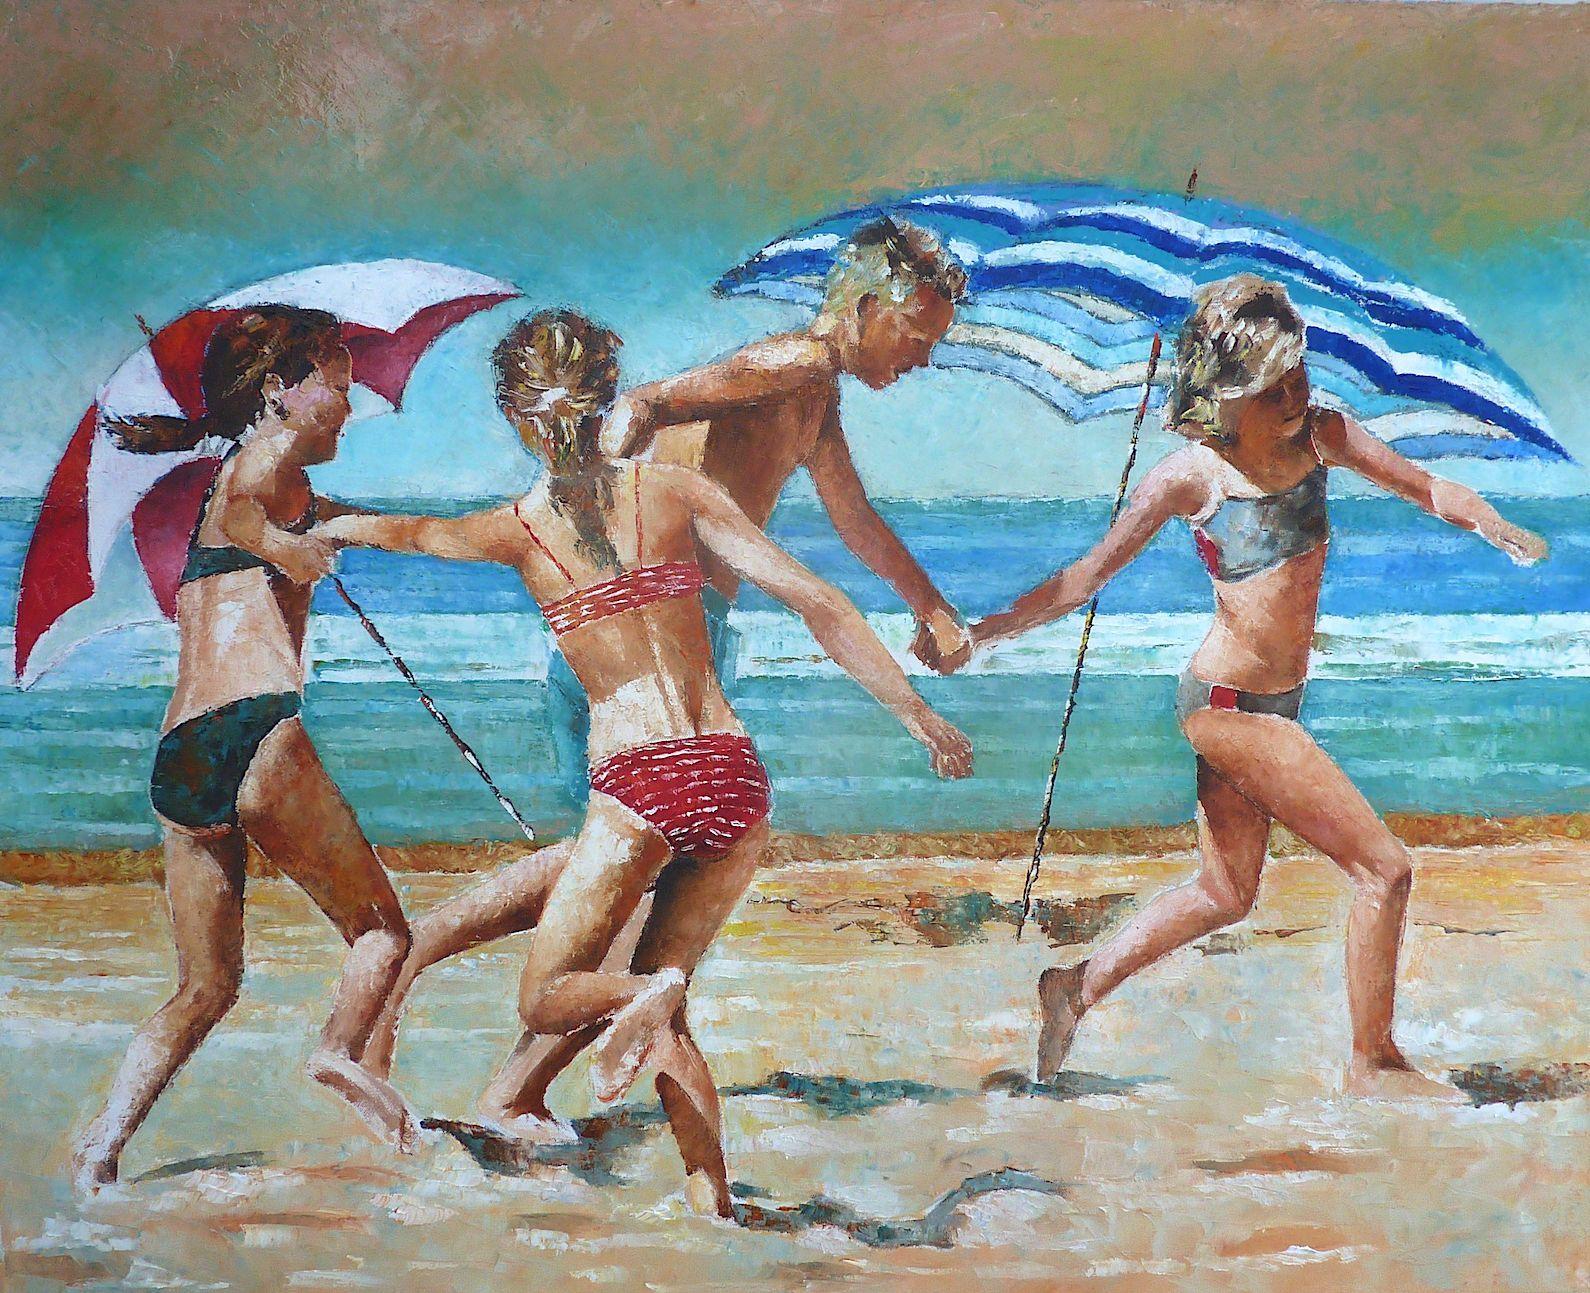 Fotografia Juegos en la playa